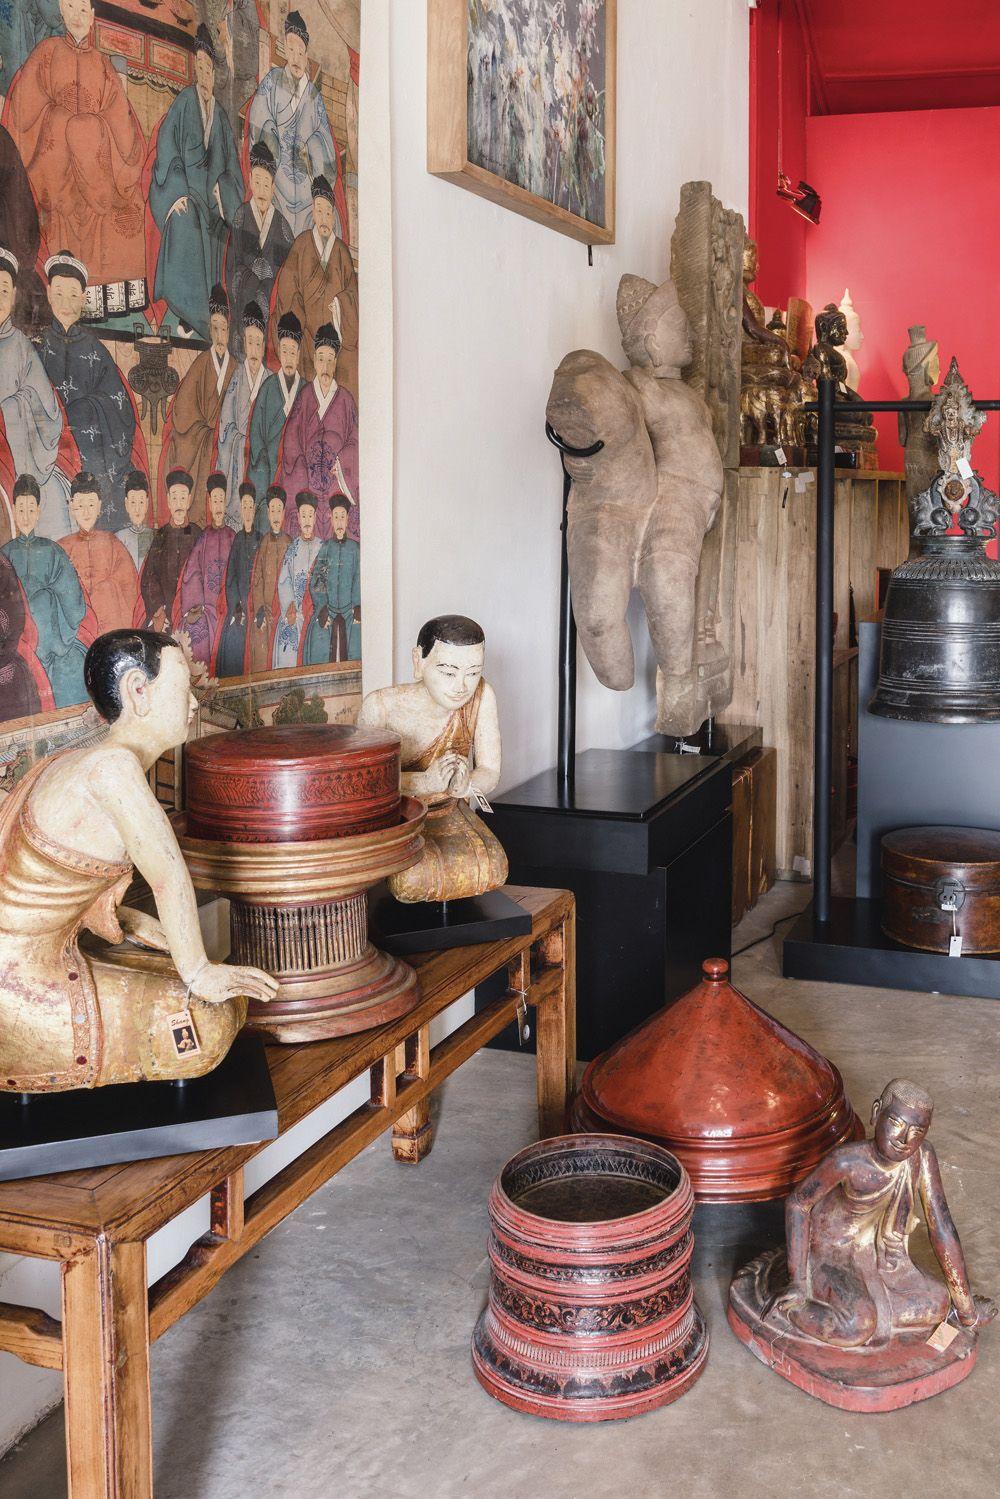 Shang Antique interior